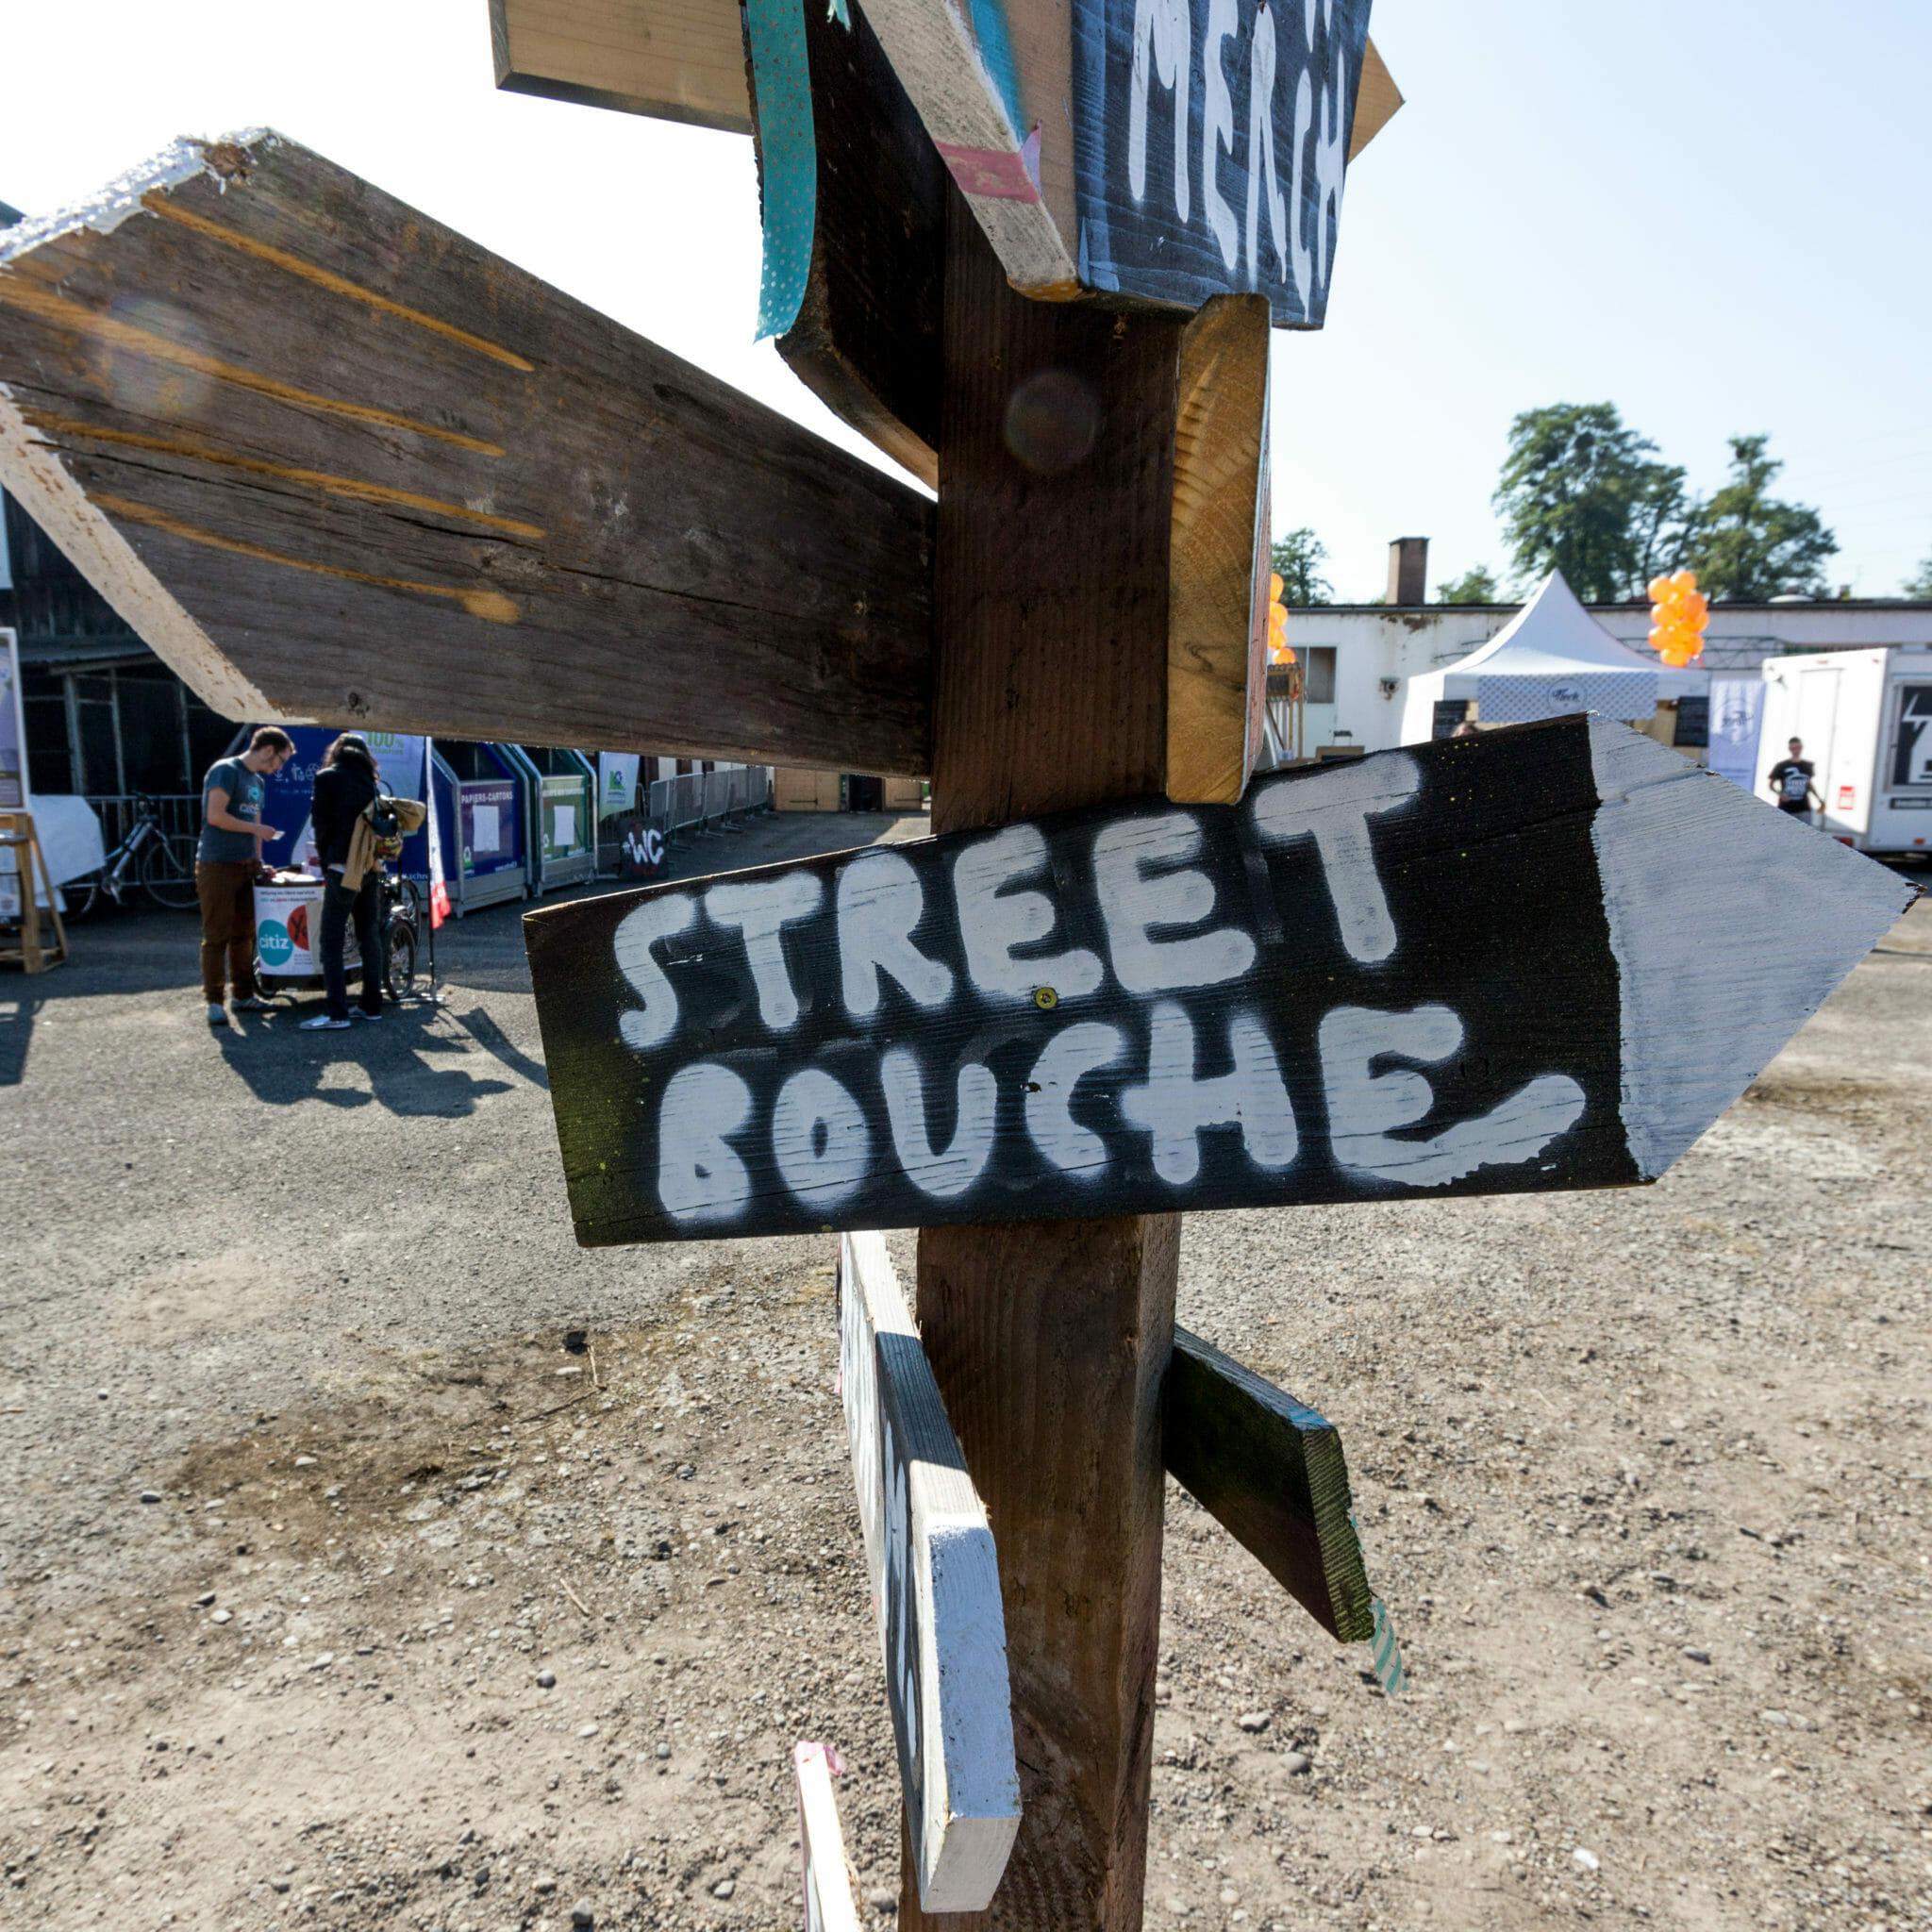 IMG 6622 - STREET BOUCHE FESTIVAL #1